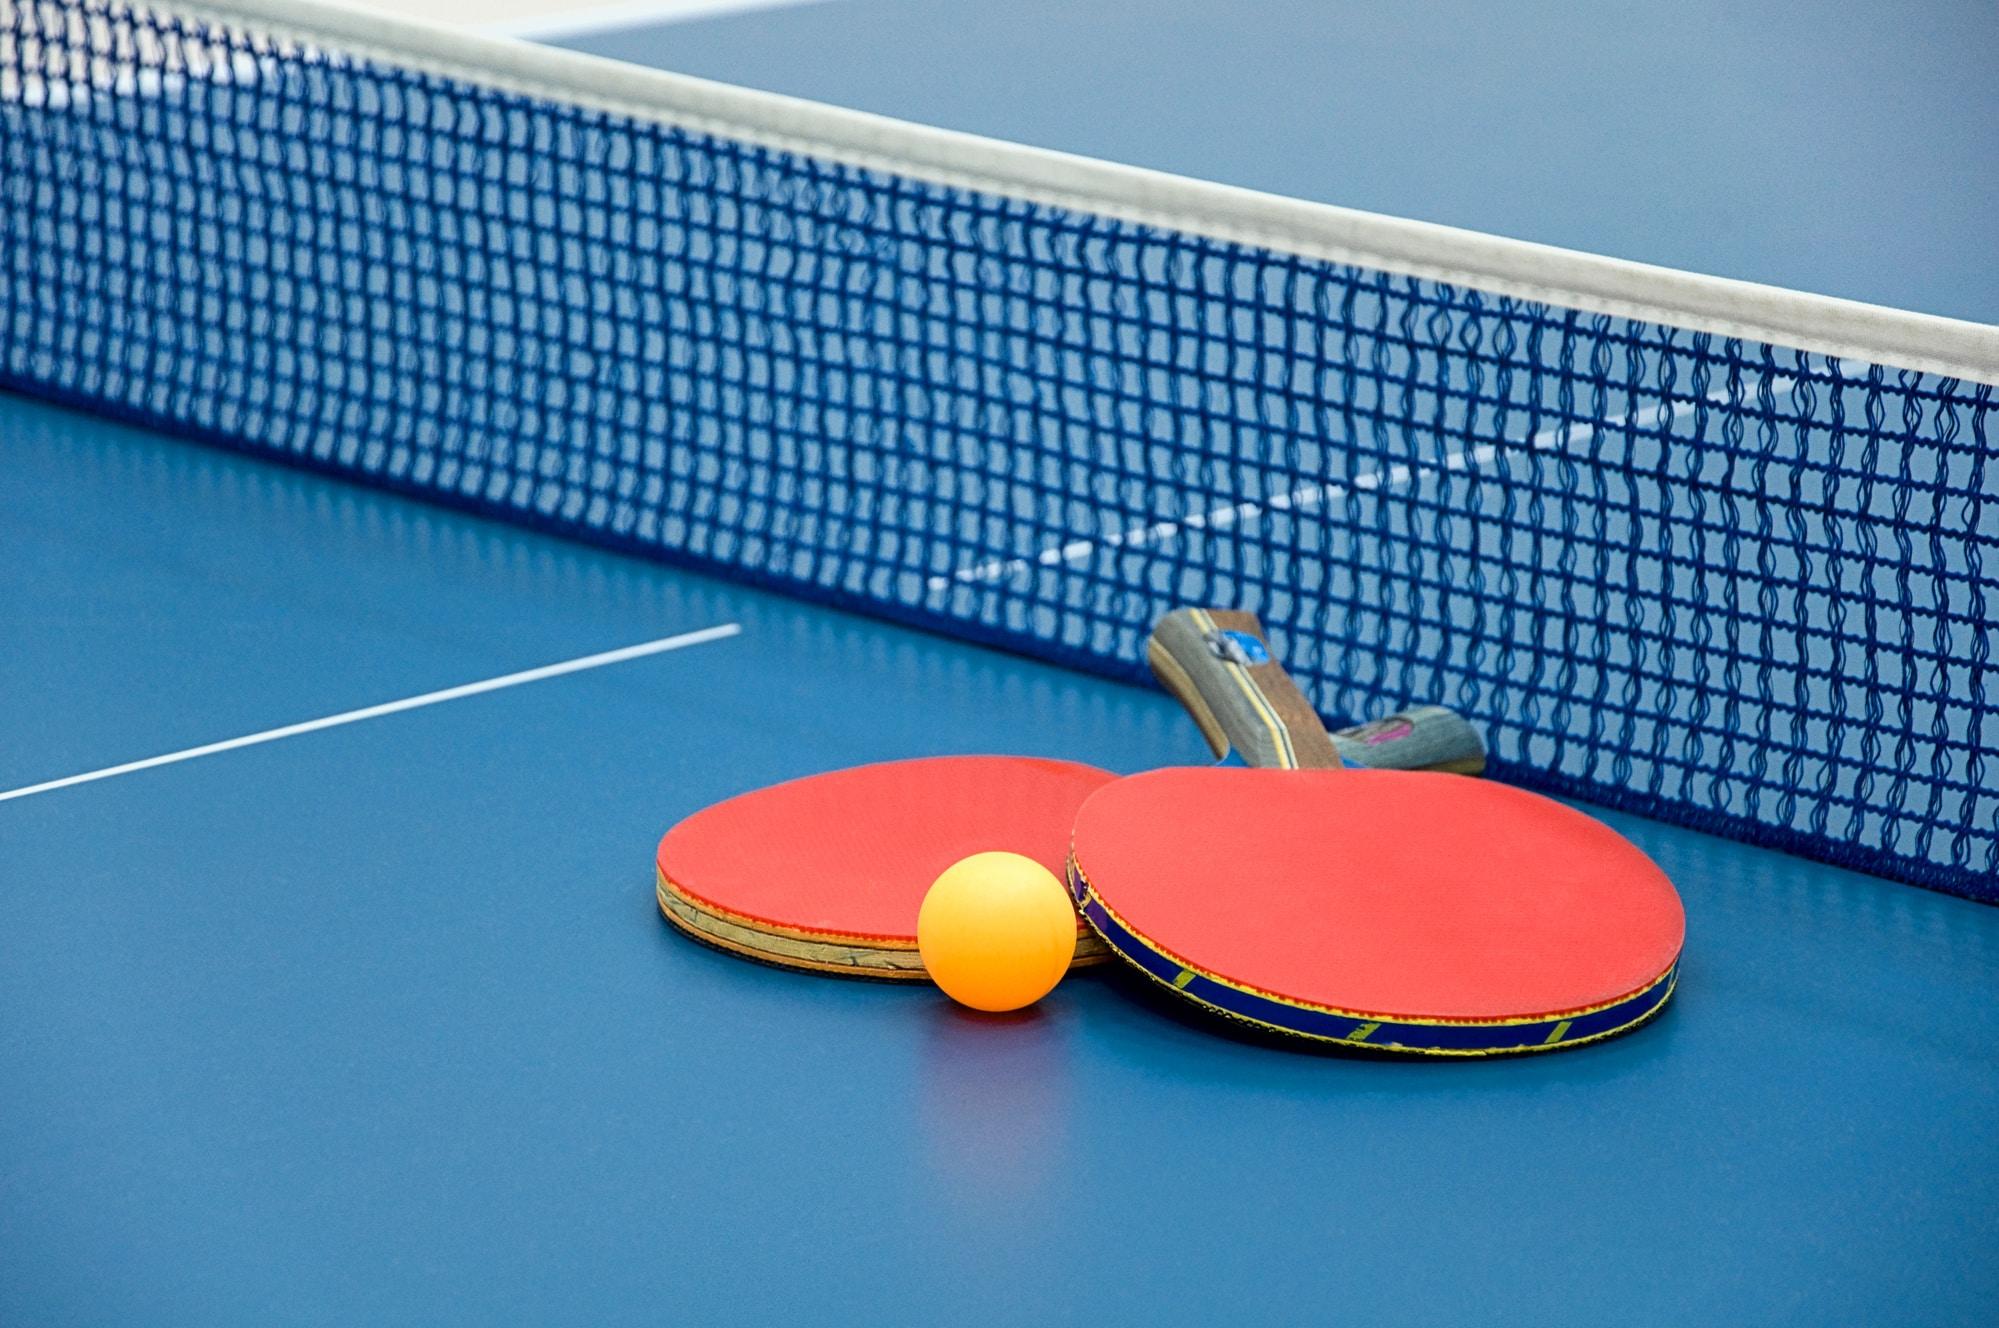 Tischtennis lernen: Regeln, Spielablauf + 3 typische Anfängerfehler